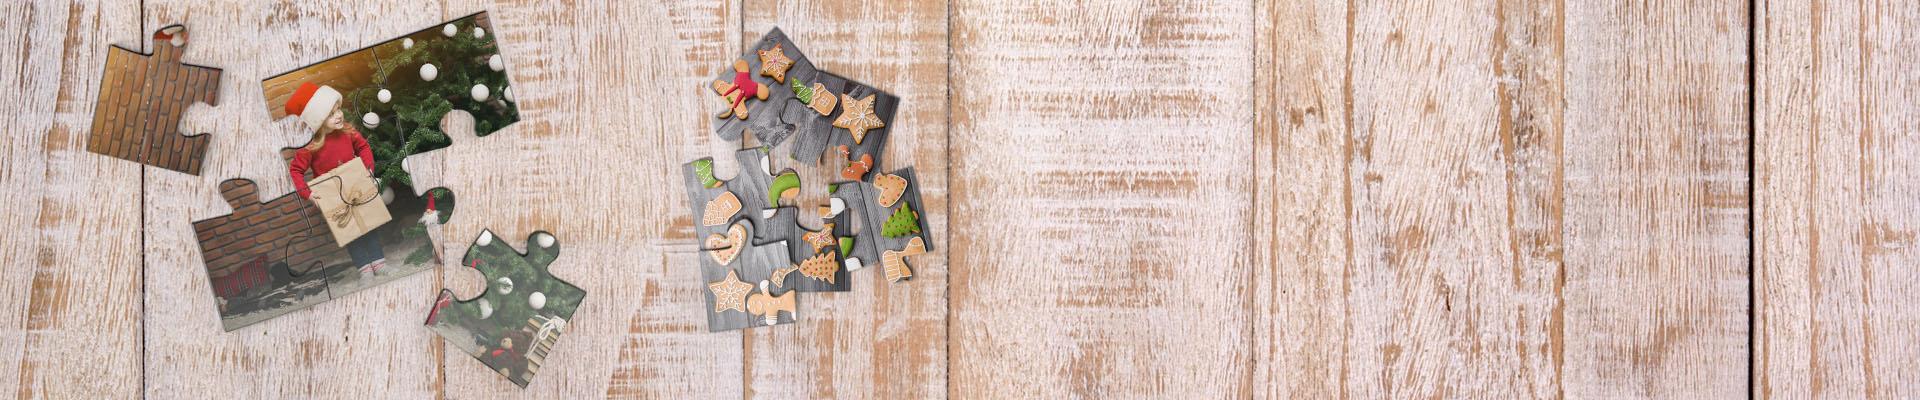 fenykepes puzzle banner